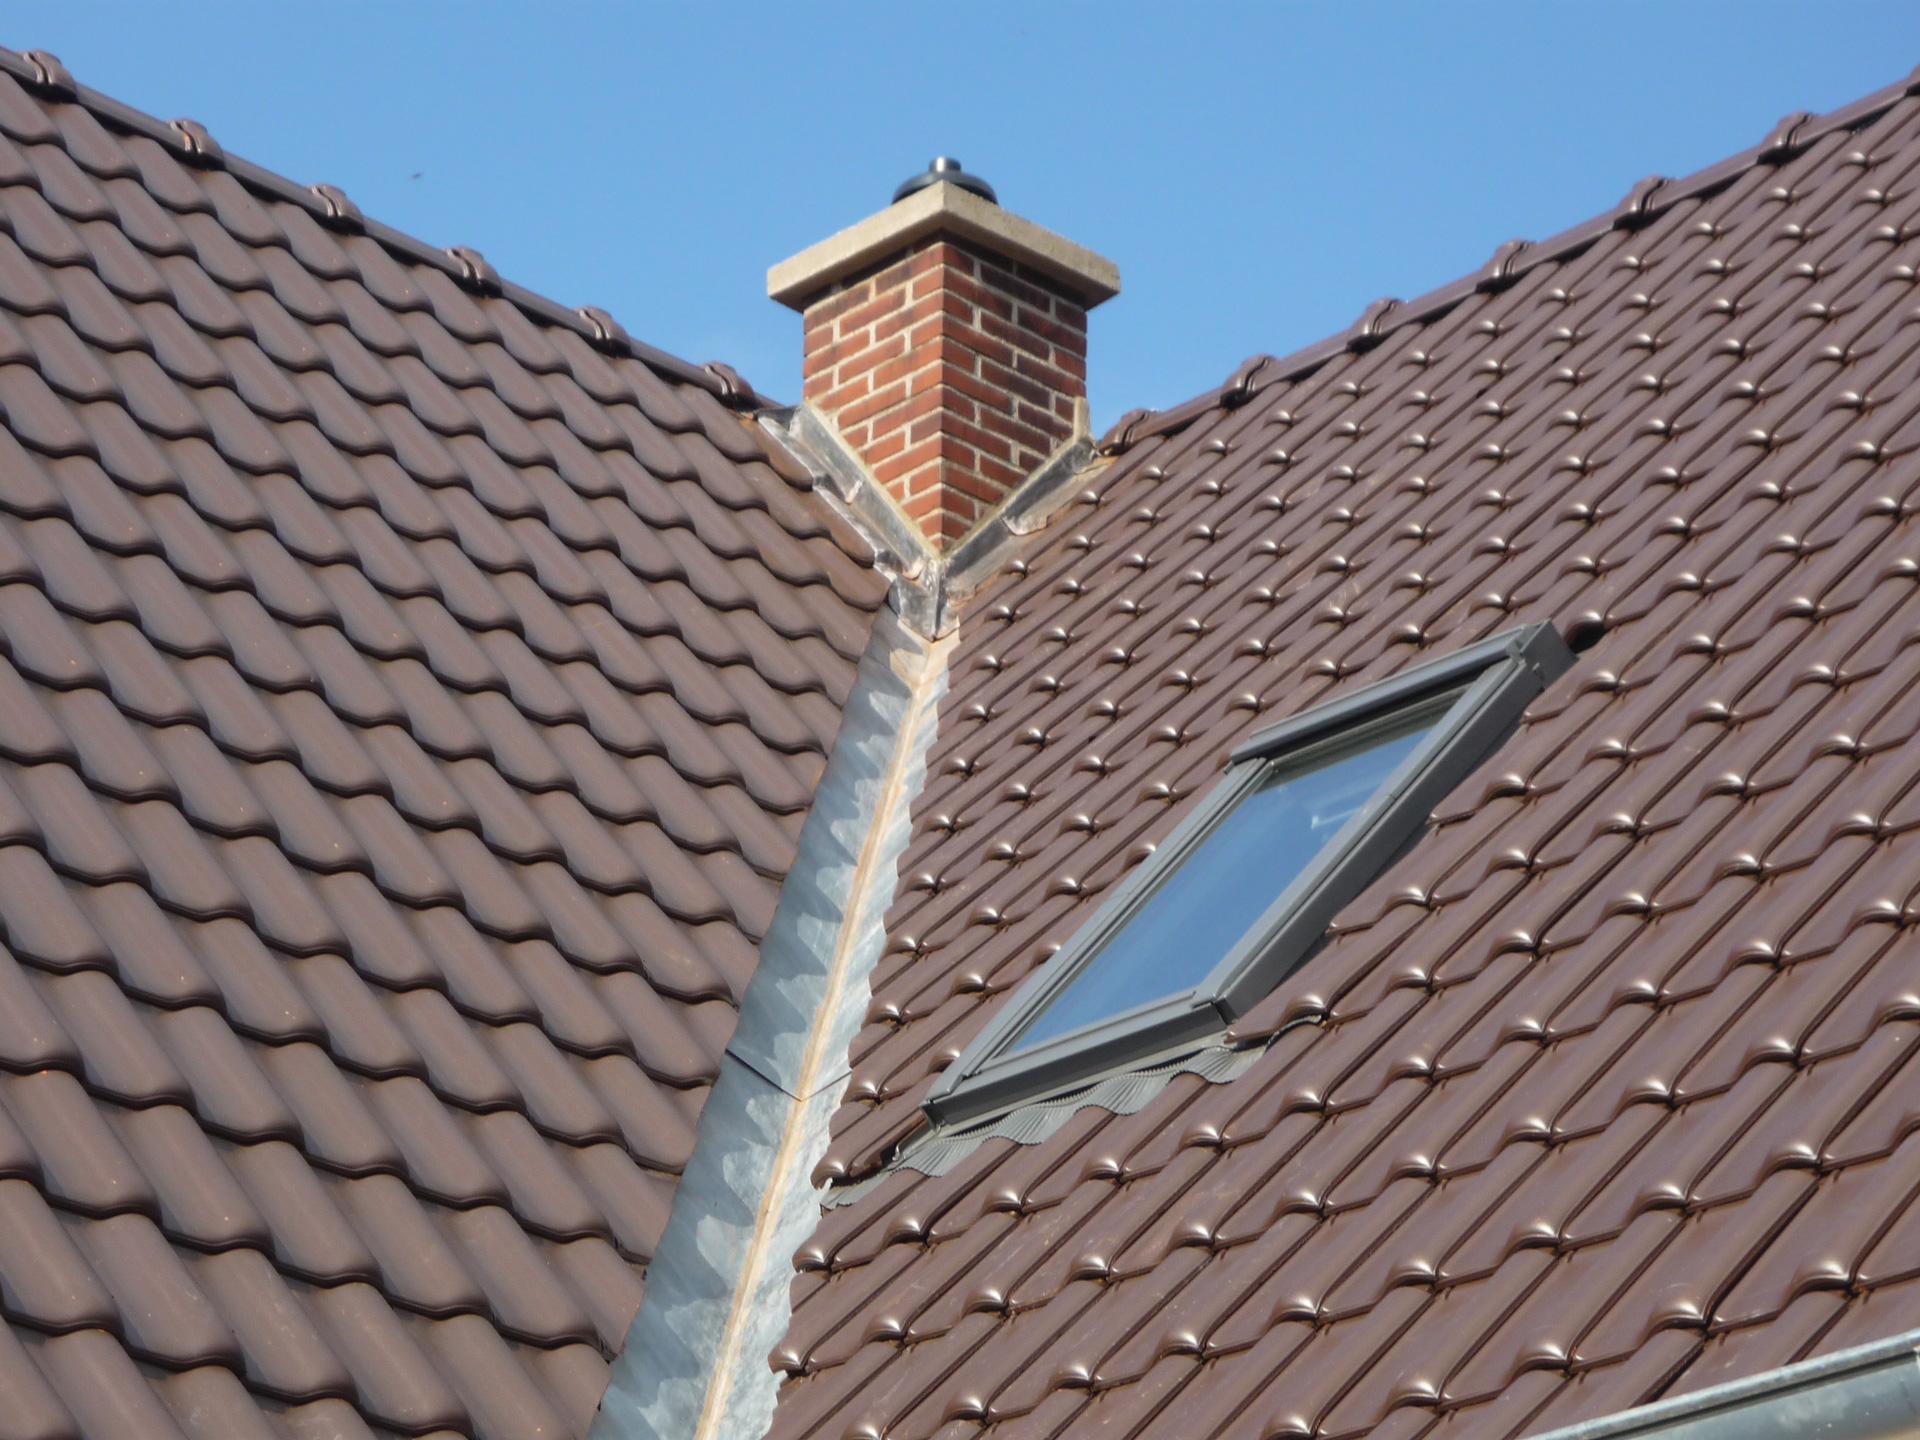 Neues Dach im Detail | Dachdeckerei Spalek OHZ